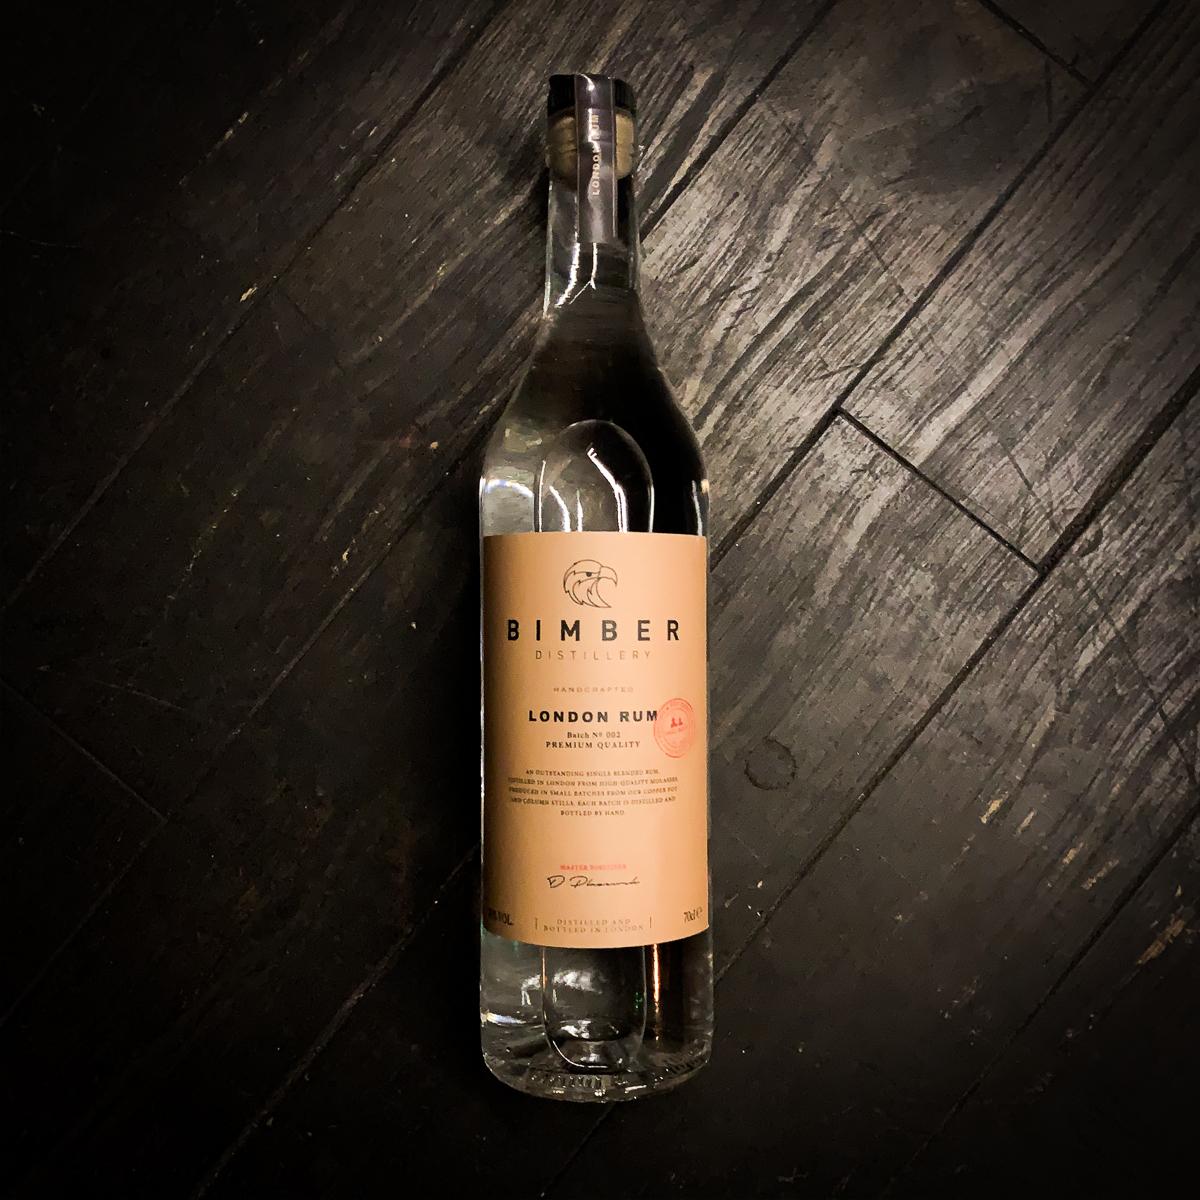 Bimber London Rum